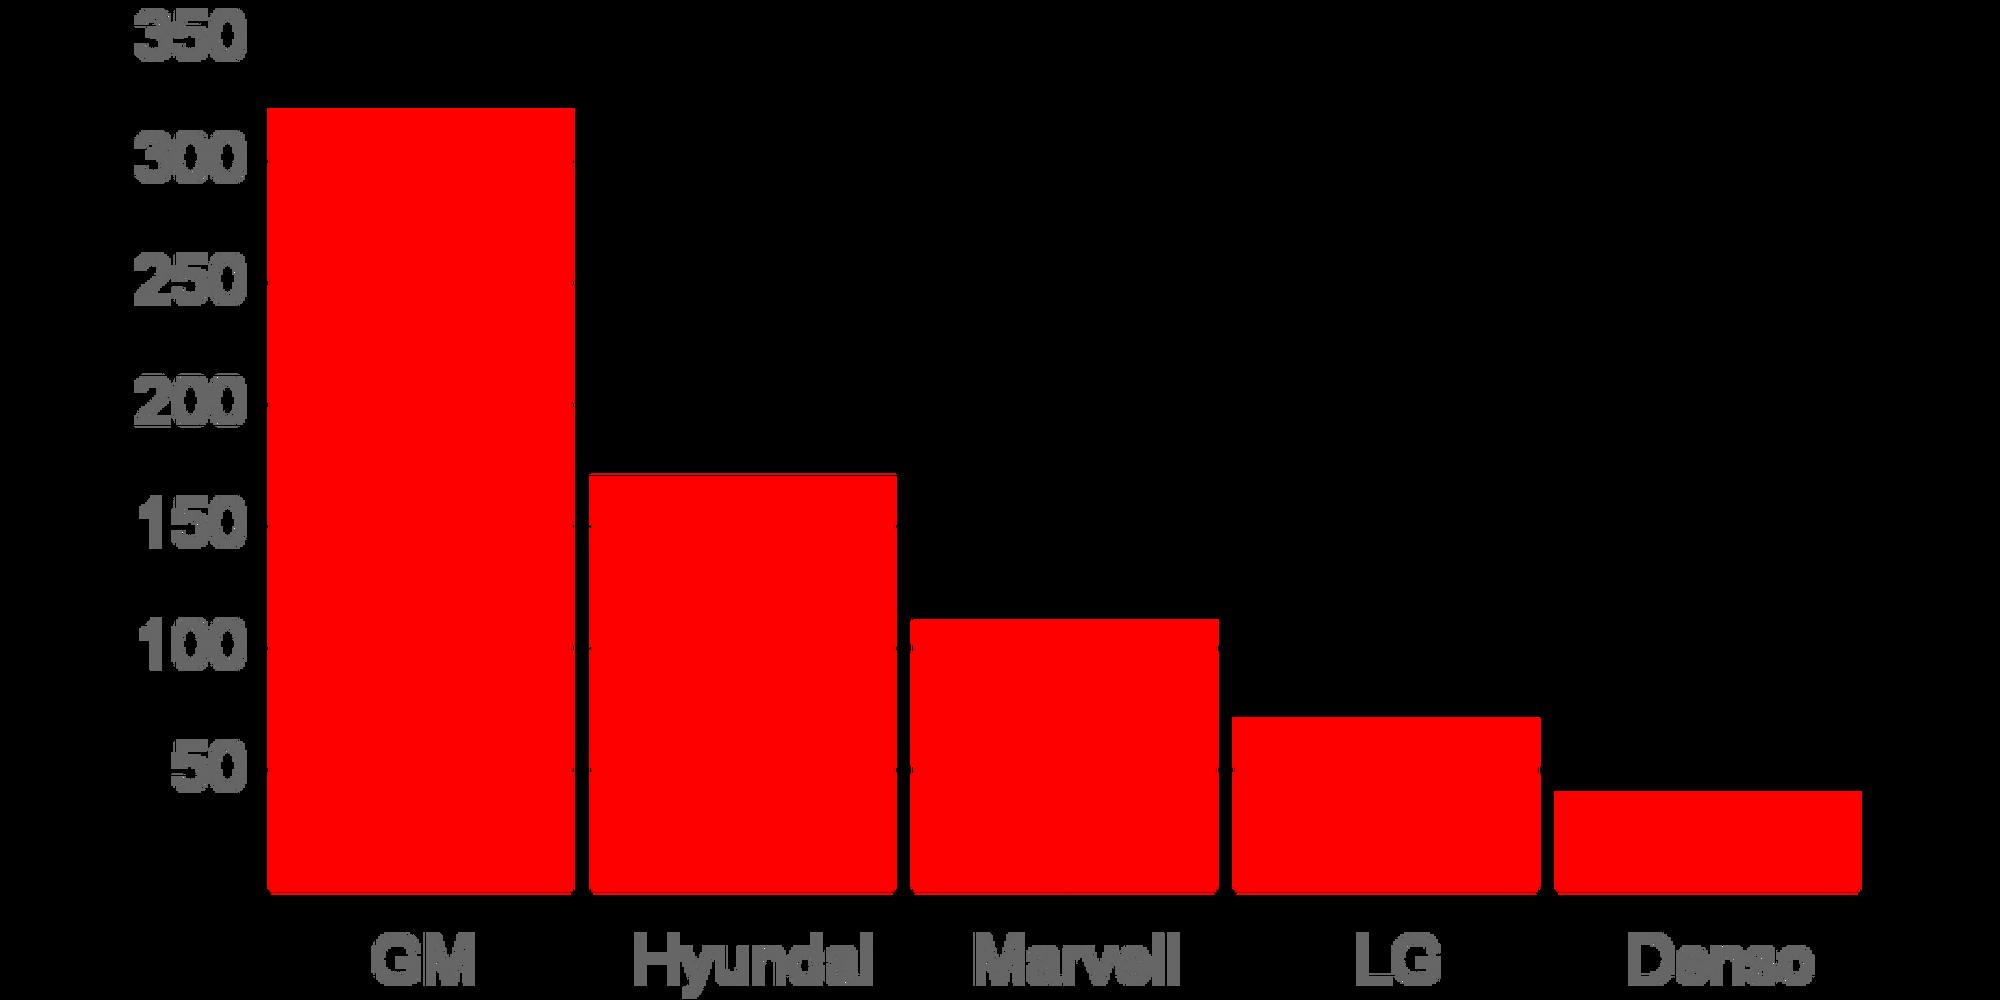 Telematikk patenter per selskap - Topp 5 (Kilde: Thomson Reuters)